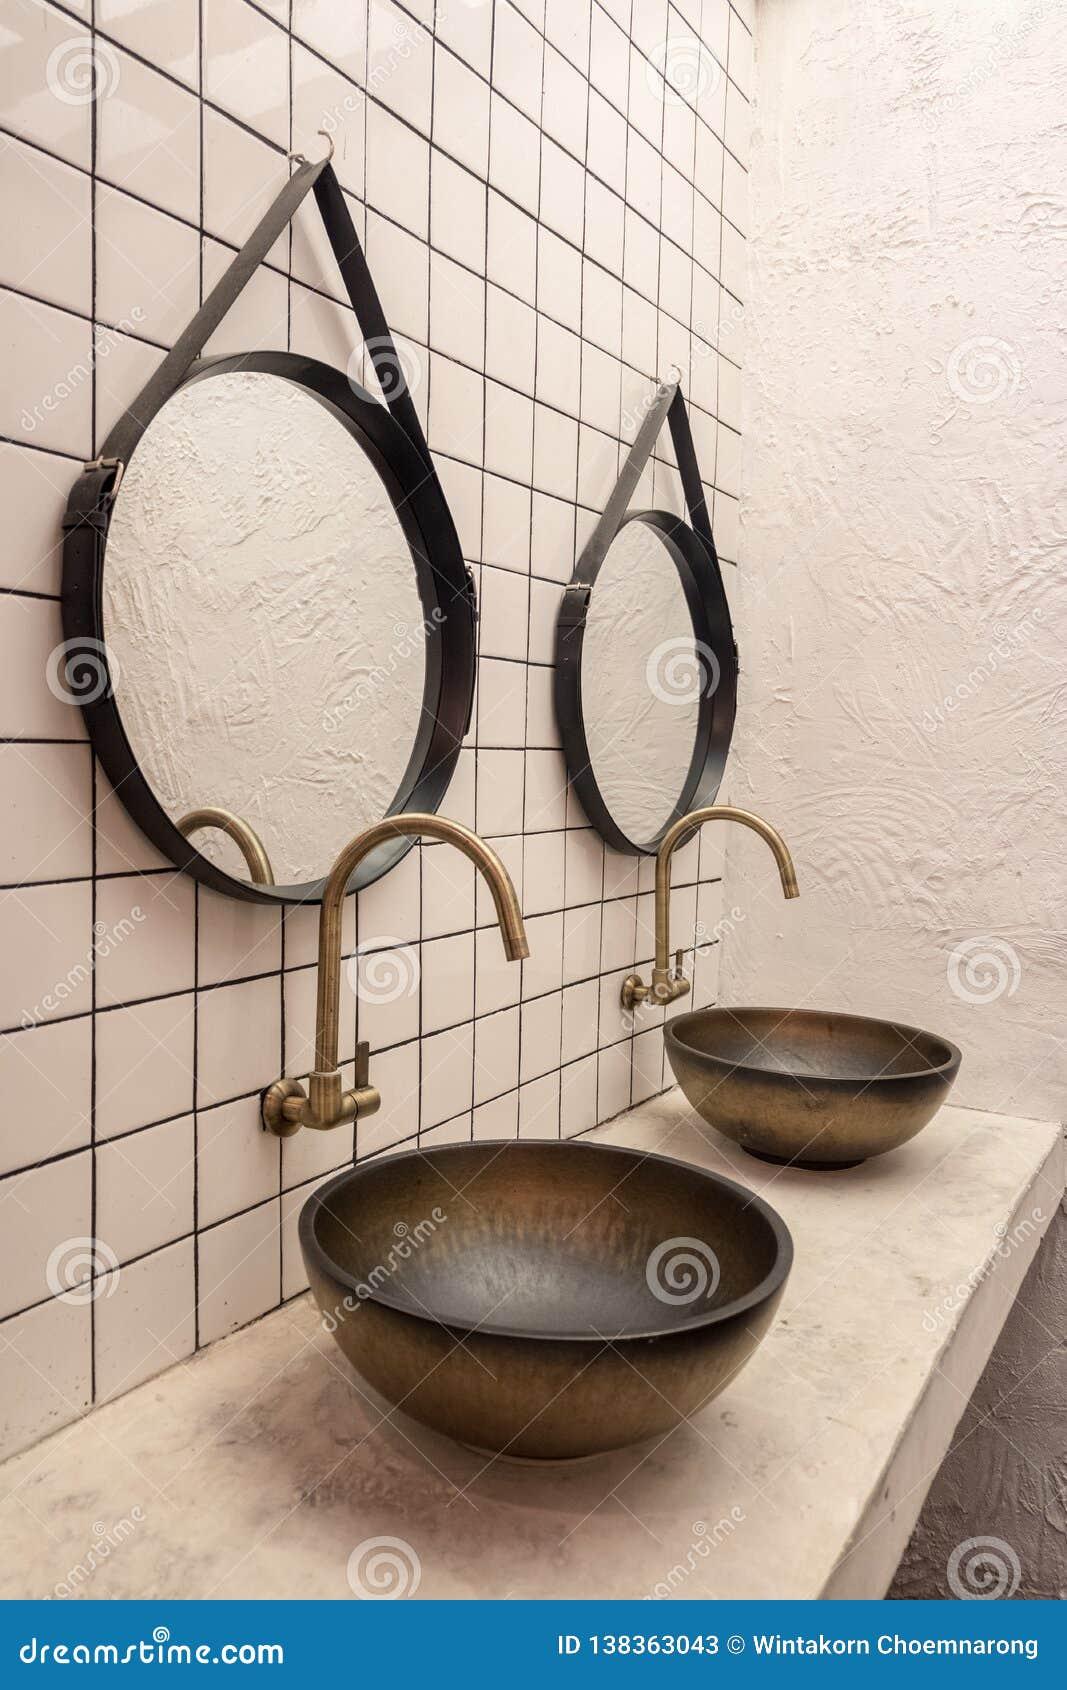 Progettazione classica del bagno con il rubinetto di acqua dorato, il vecchio lavandino ed il retro specchio